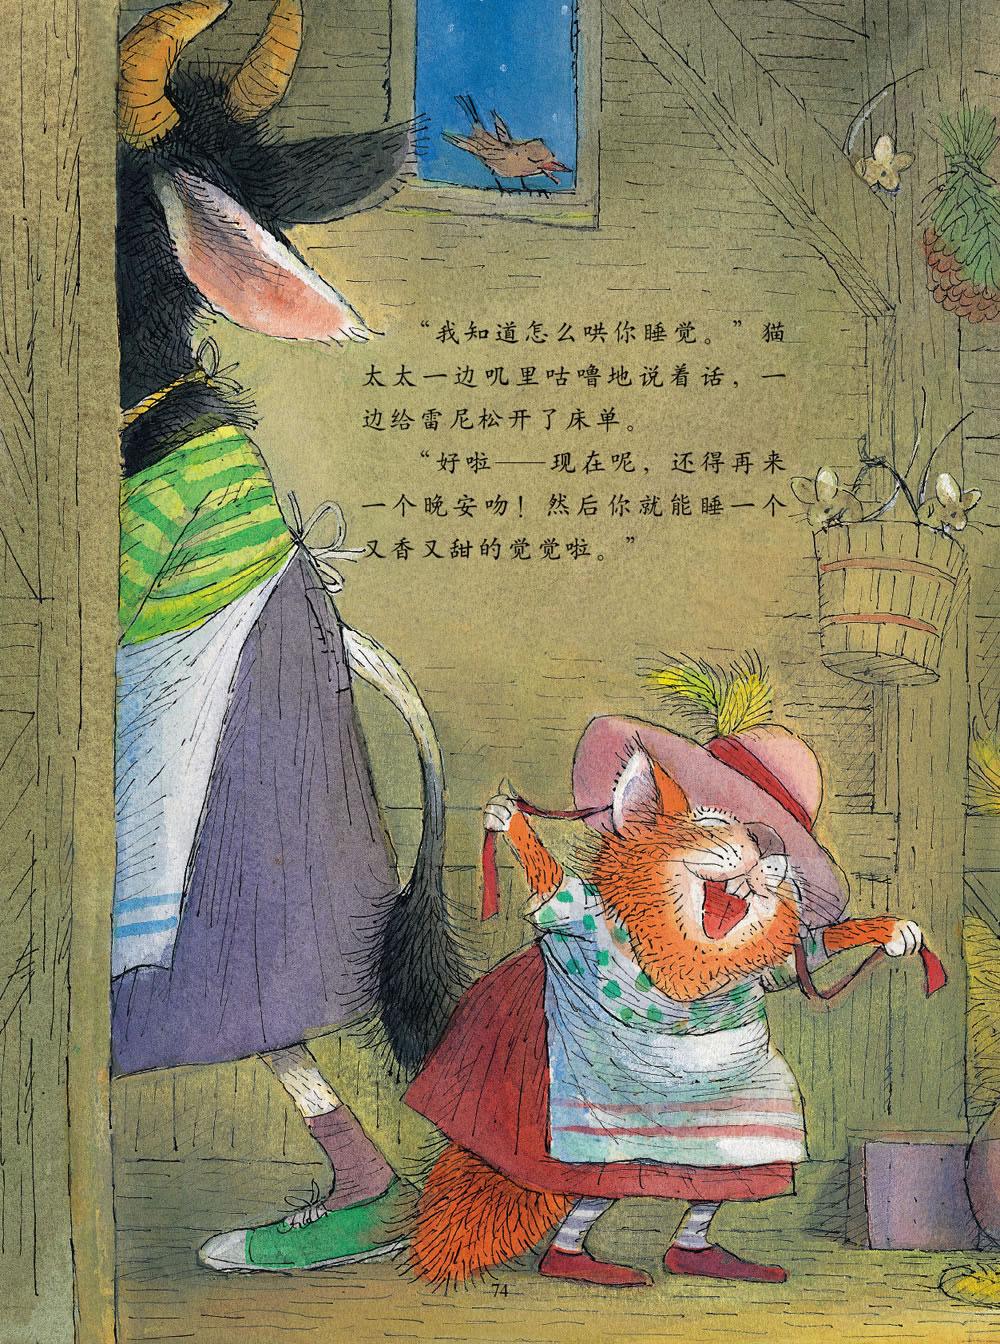 儿童畅销动漫卡通书籍 儿童故事畅销书籍 亲子读物 早教启蒙亲子绘本